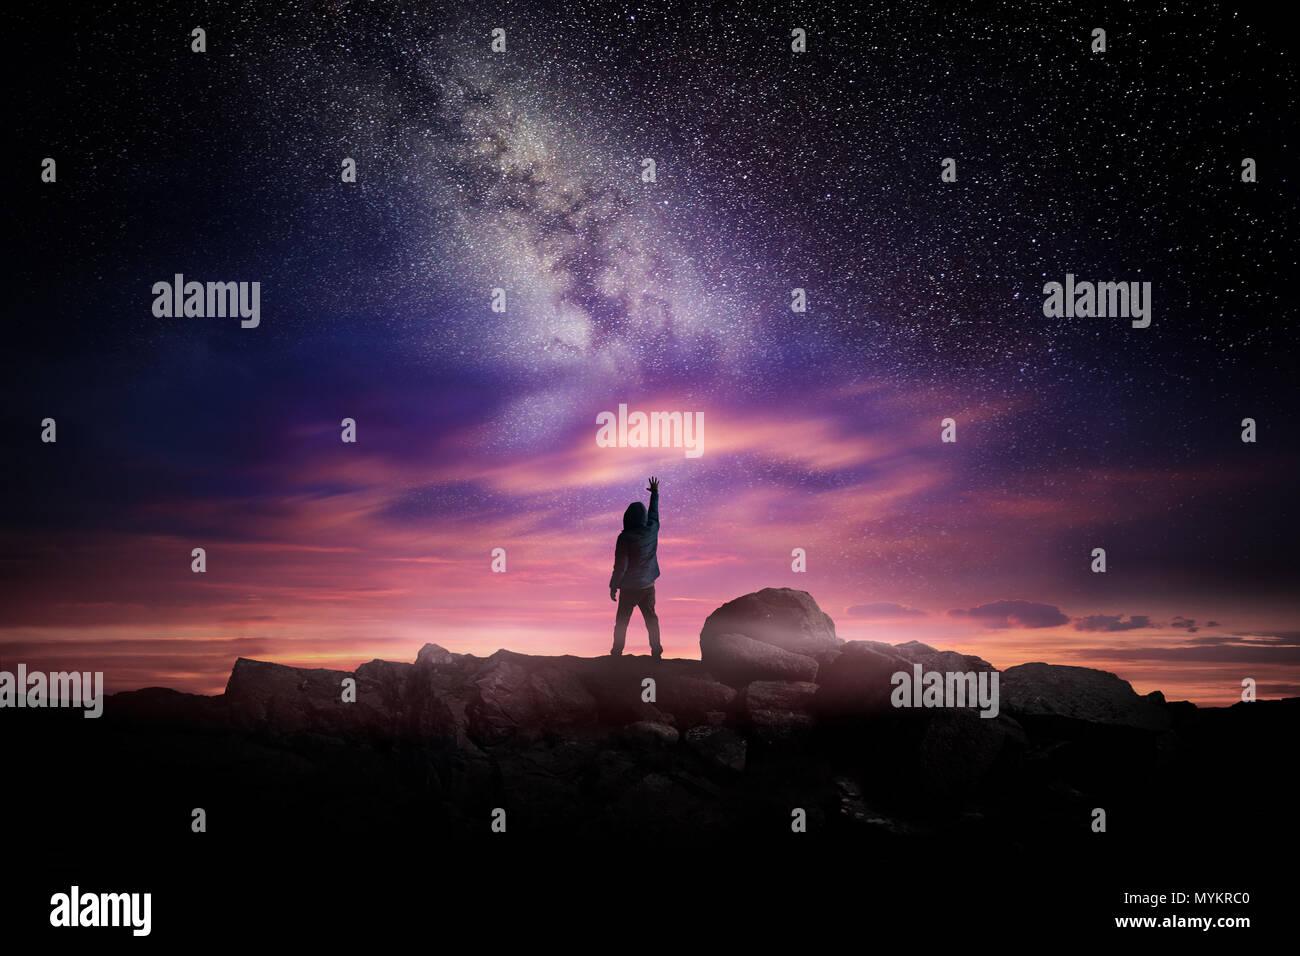 Nachts lange Belichtung Landschaftsaufnahmen. Ein Mann stand in einer Höhe, die bis im Wunder der Milchstraße, Foto Composite. Stockbild